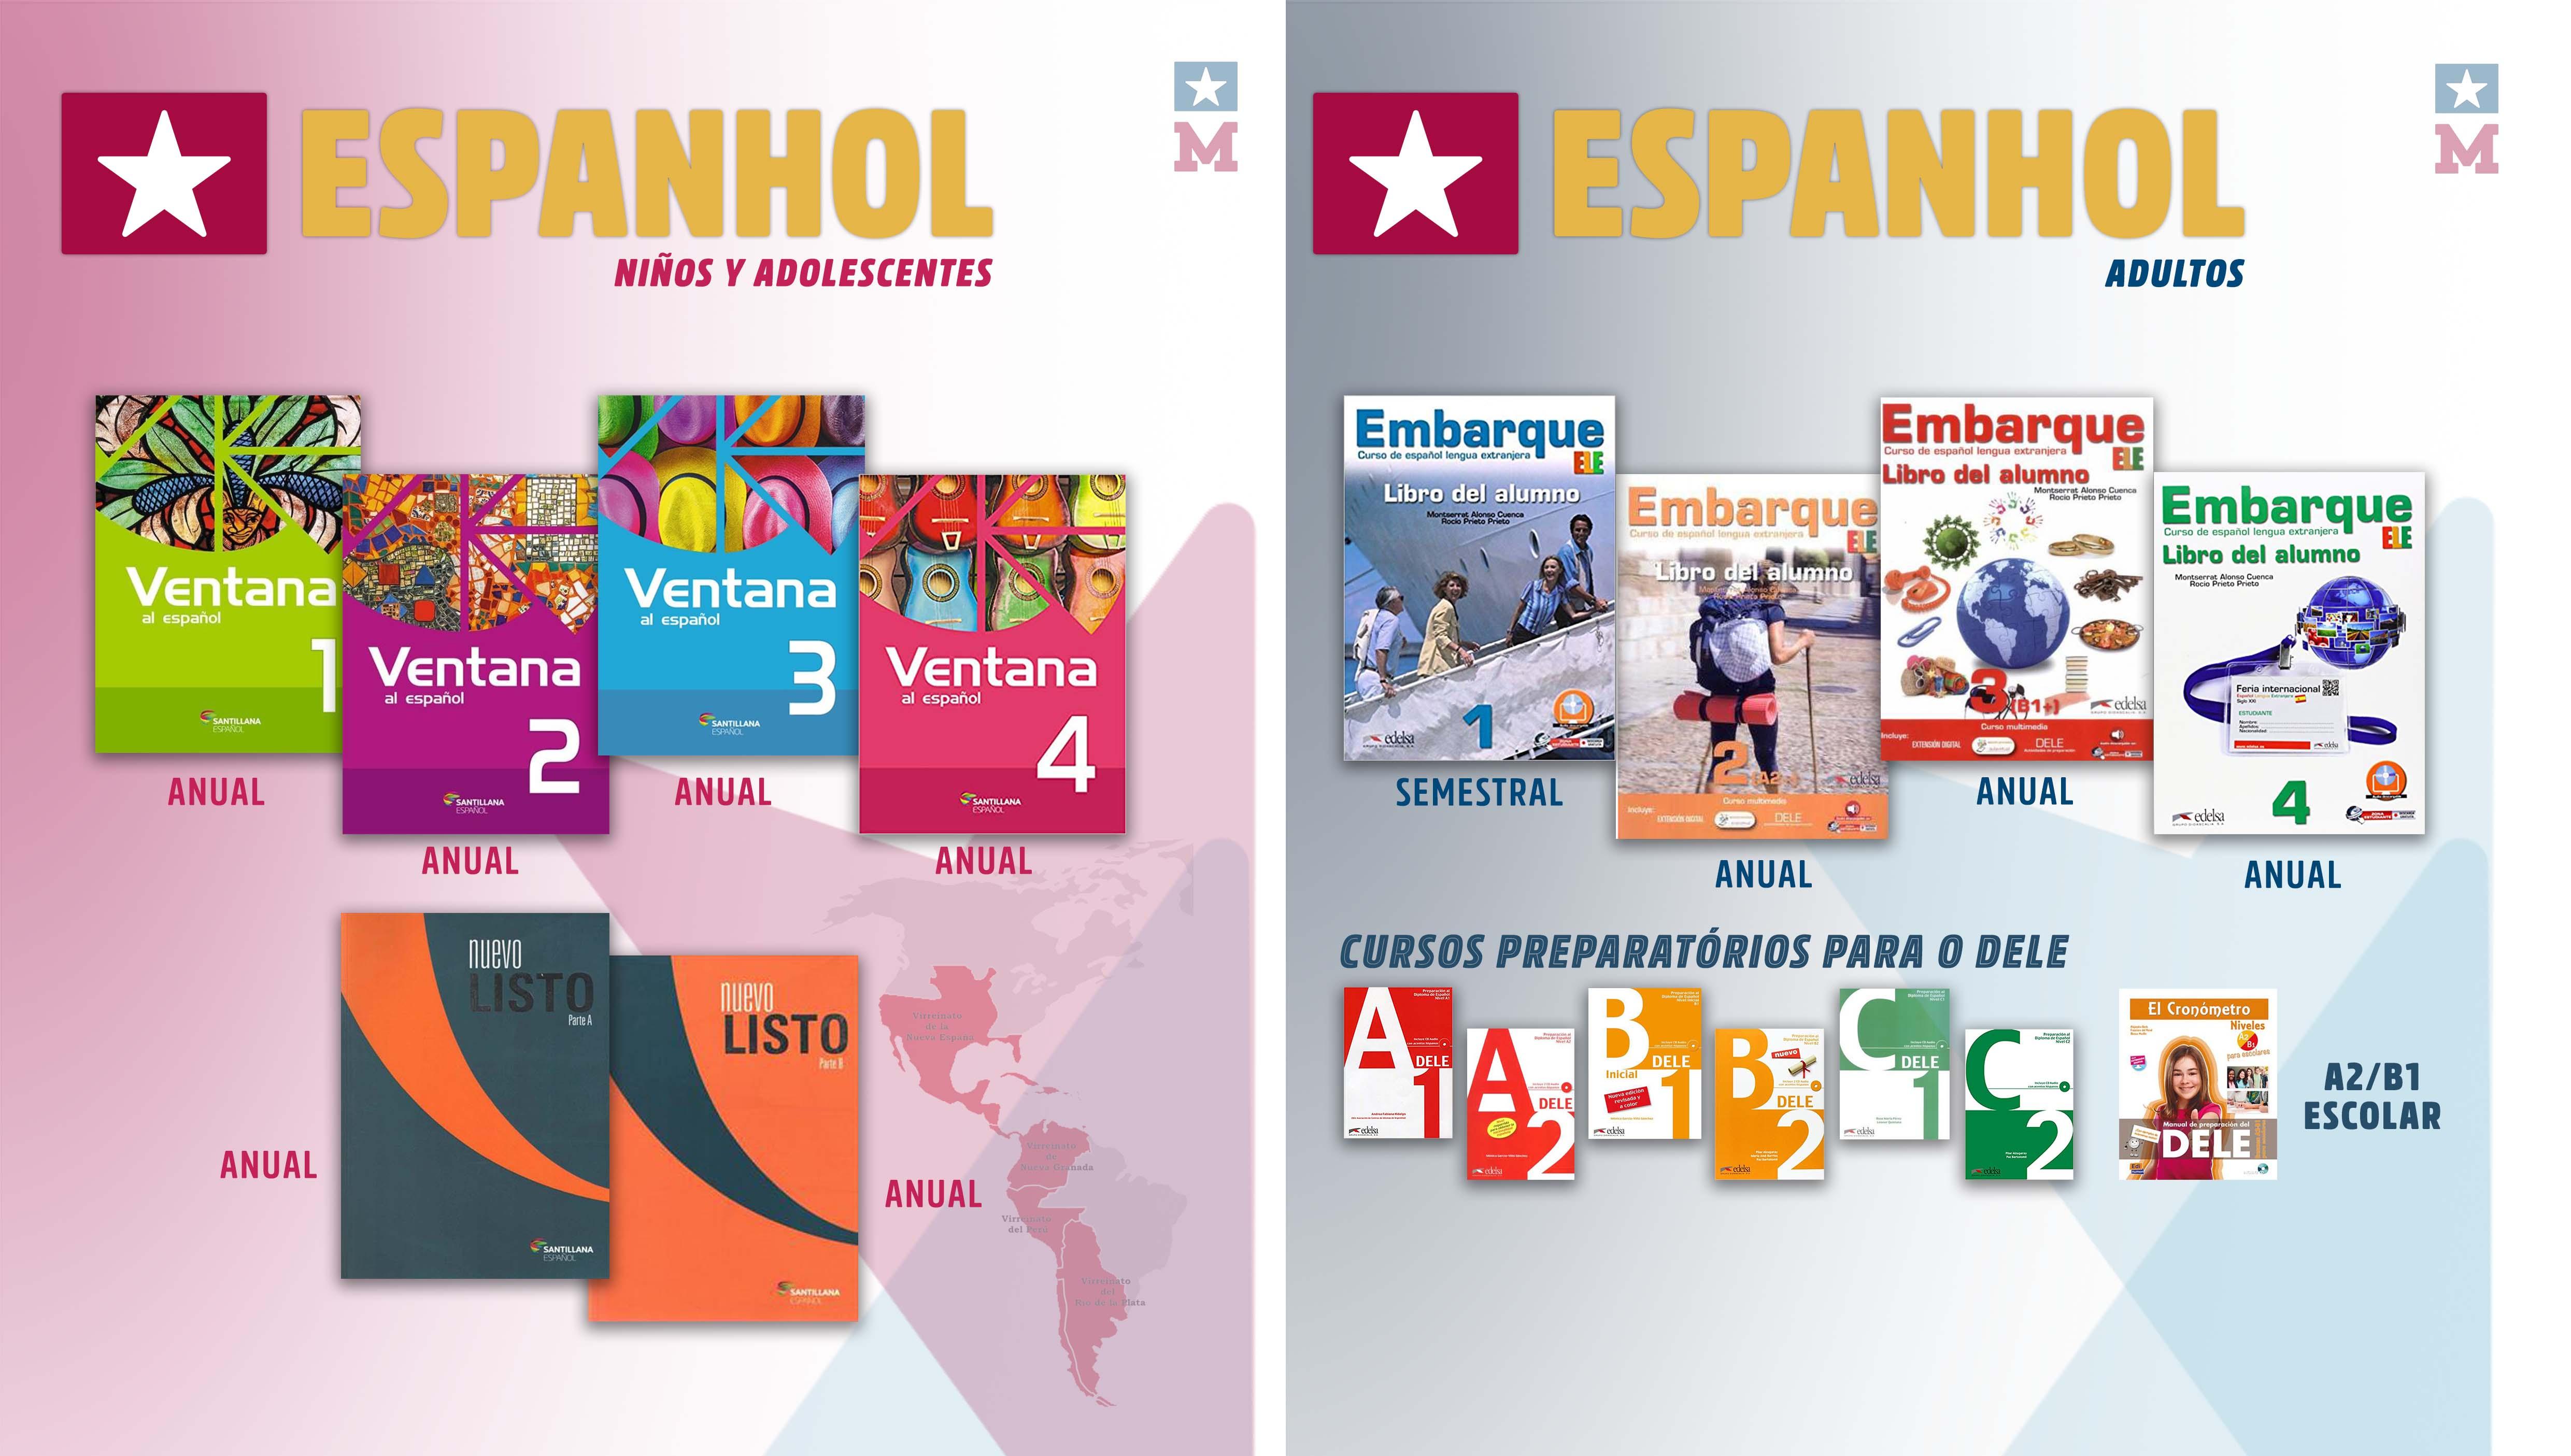 Curso de Espanhol para Crianças e Adolescentes - Escola Michigan Valinhos material didático